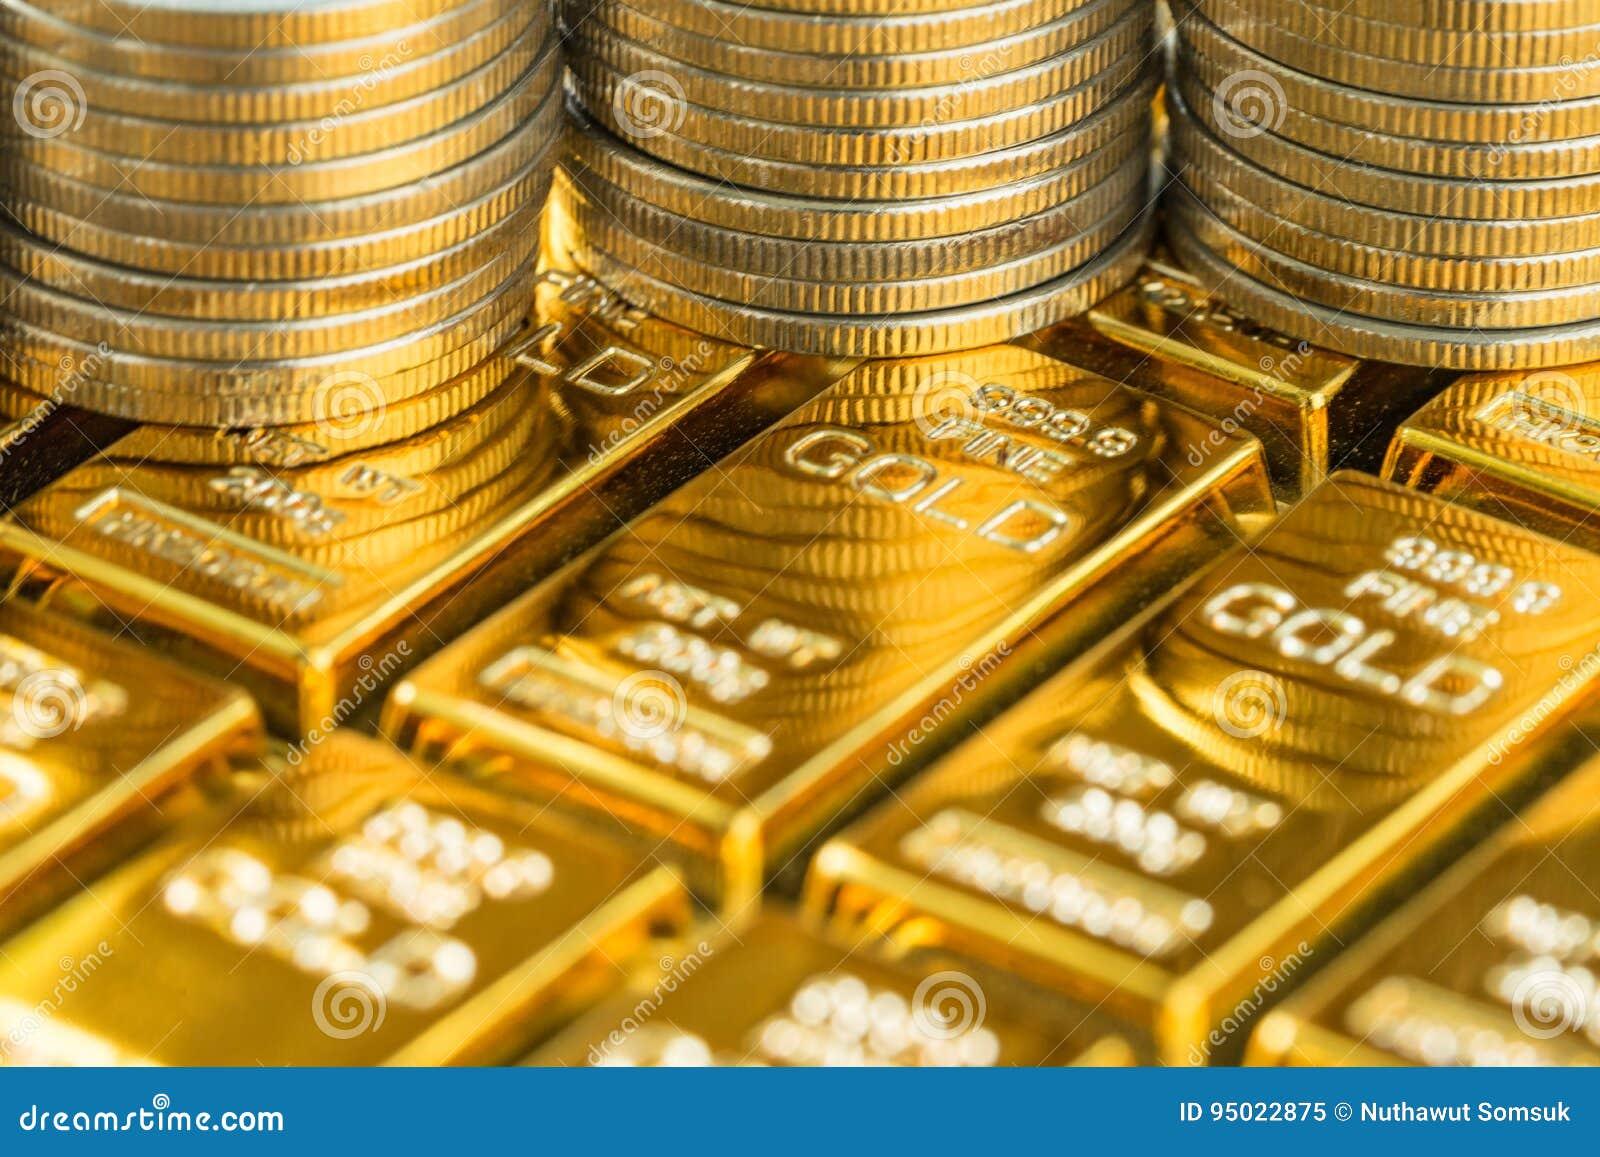 Tiro ascendente fechado de barras de ouro brilhantes com a pilha de moedas como o negócio